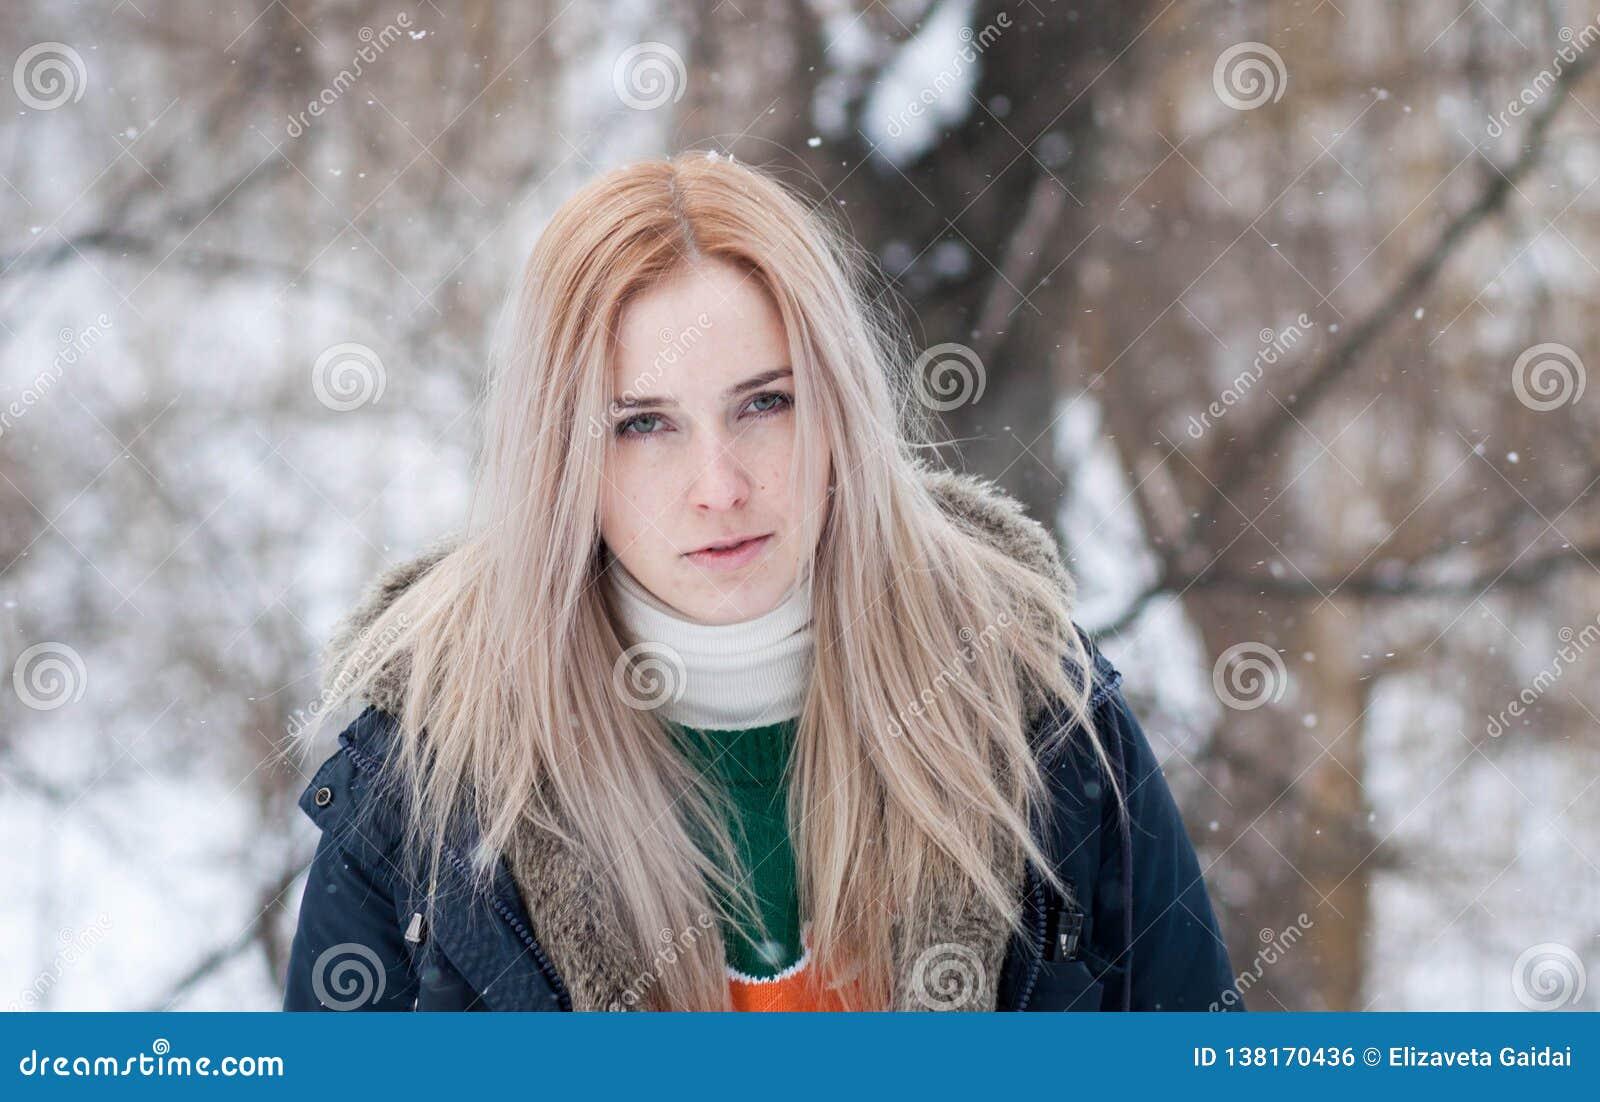 Junges Mädchen mit dem langen blonden Haar auf einem unscharfen Hintergrund eines Parks des verschneiten Winters